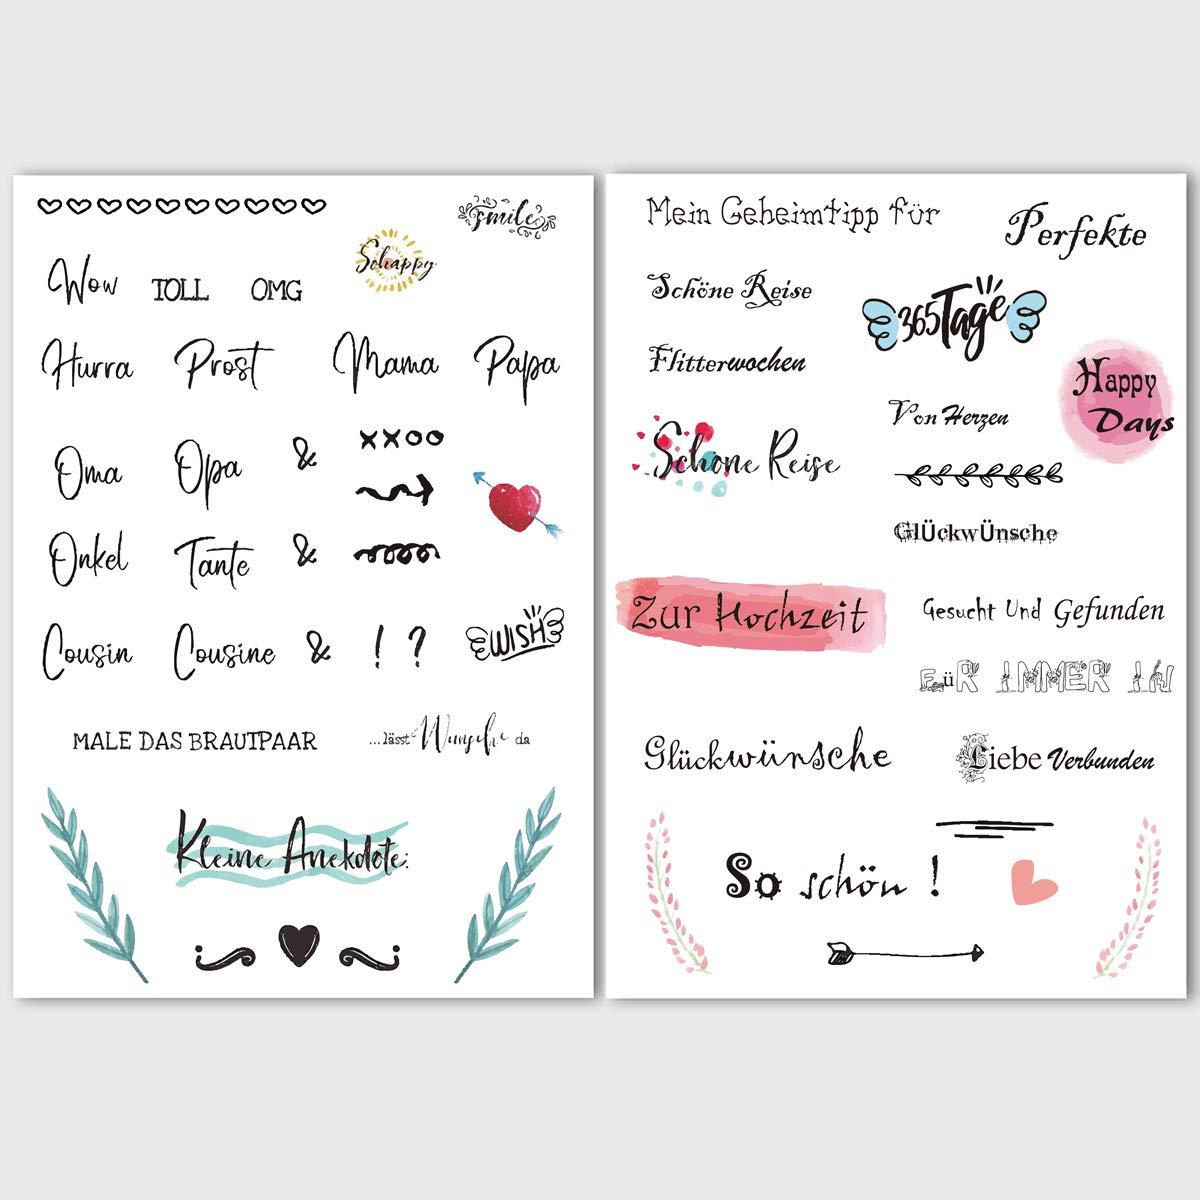 Kaszoo Gästebuch Hochzeits Sticker 175 Sticker Schöne Sprüche Aufkleber Watercolors Scrapbooking Design